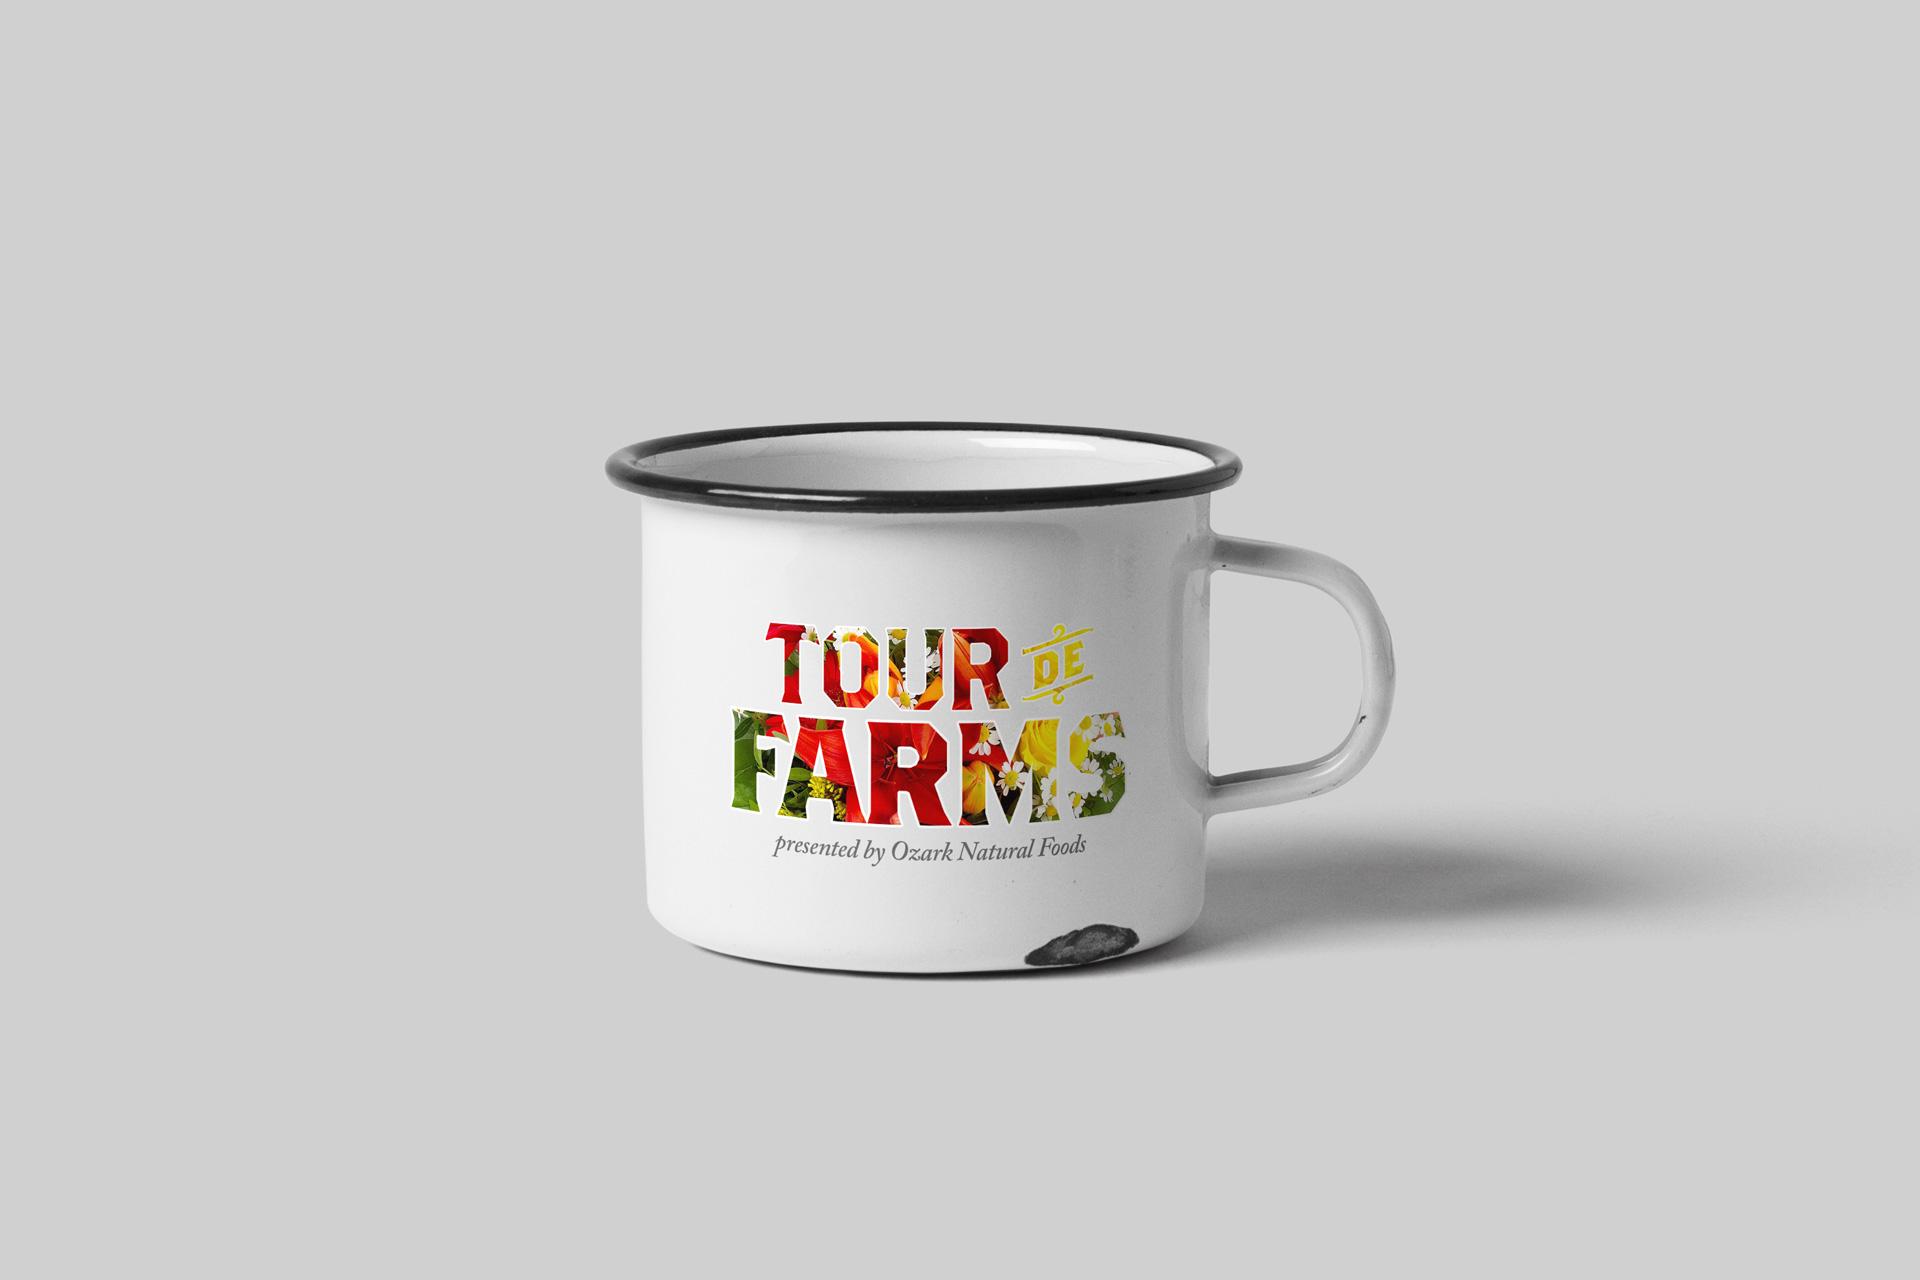 TourdeFarms_Metal-Mug-Mockup.jpg